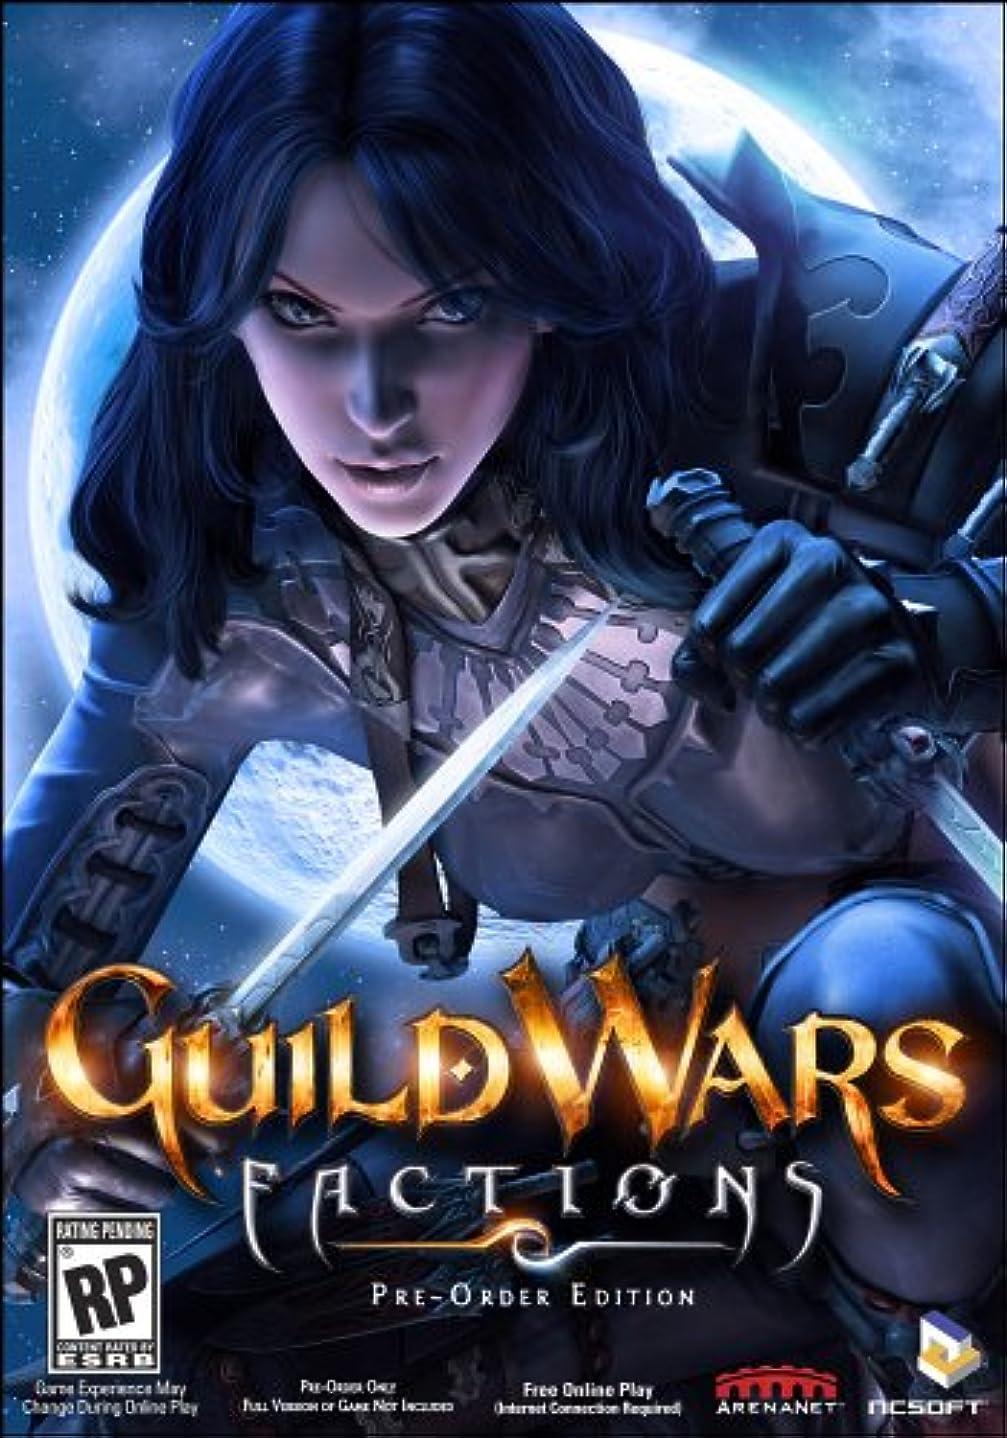 公検閲効果Guild Wars Factions Pre-sale Disk [Does not contain full game] (輸入版)